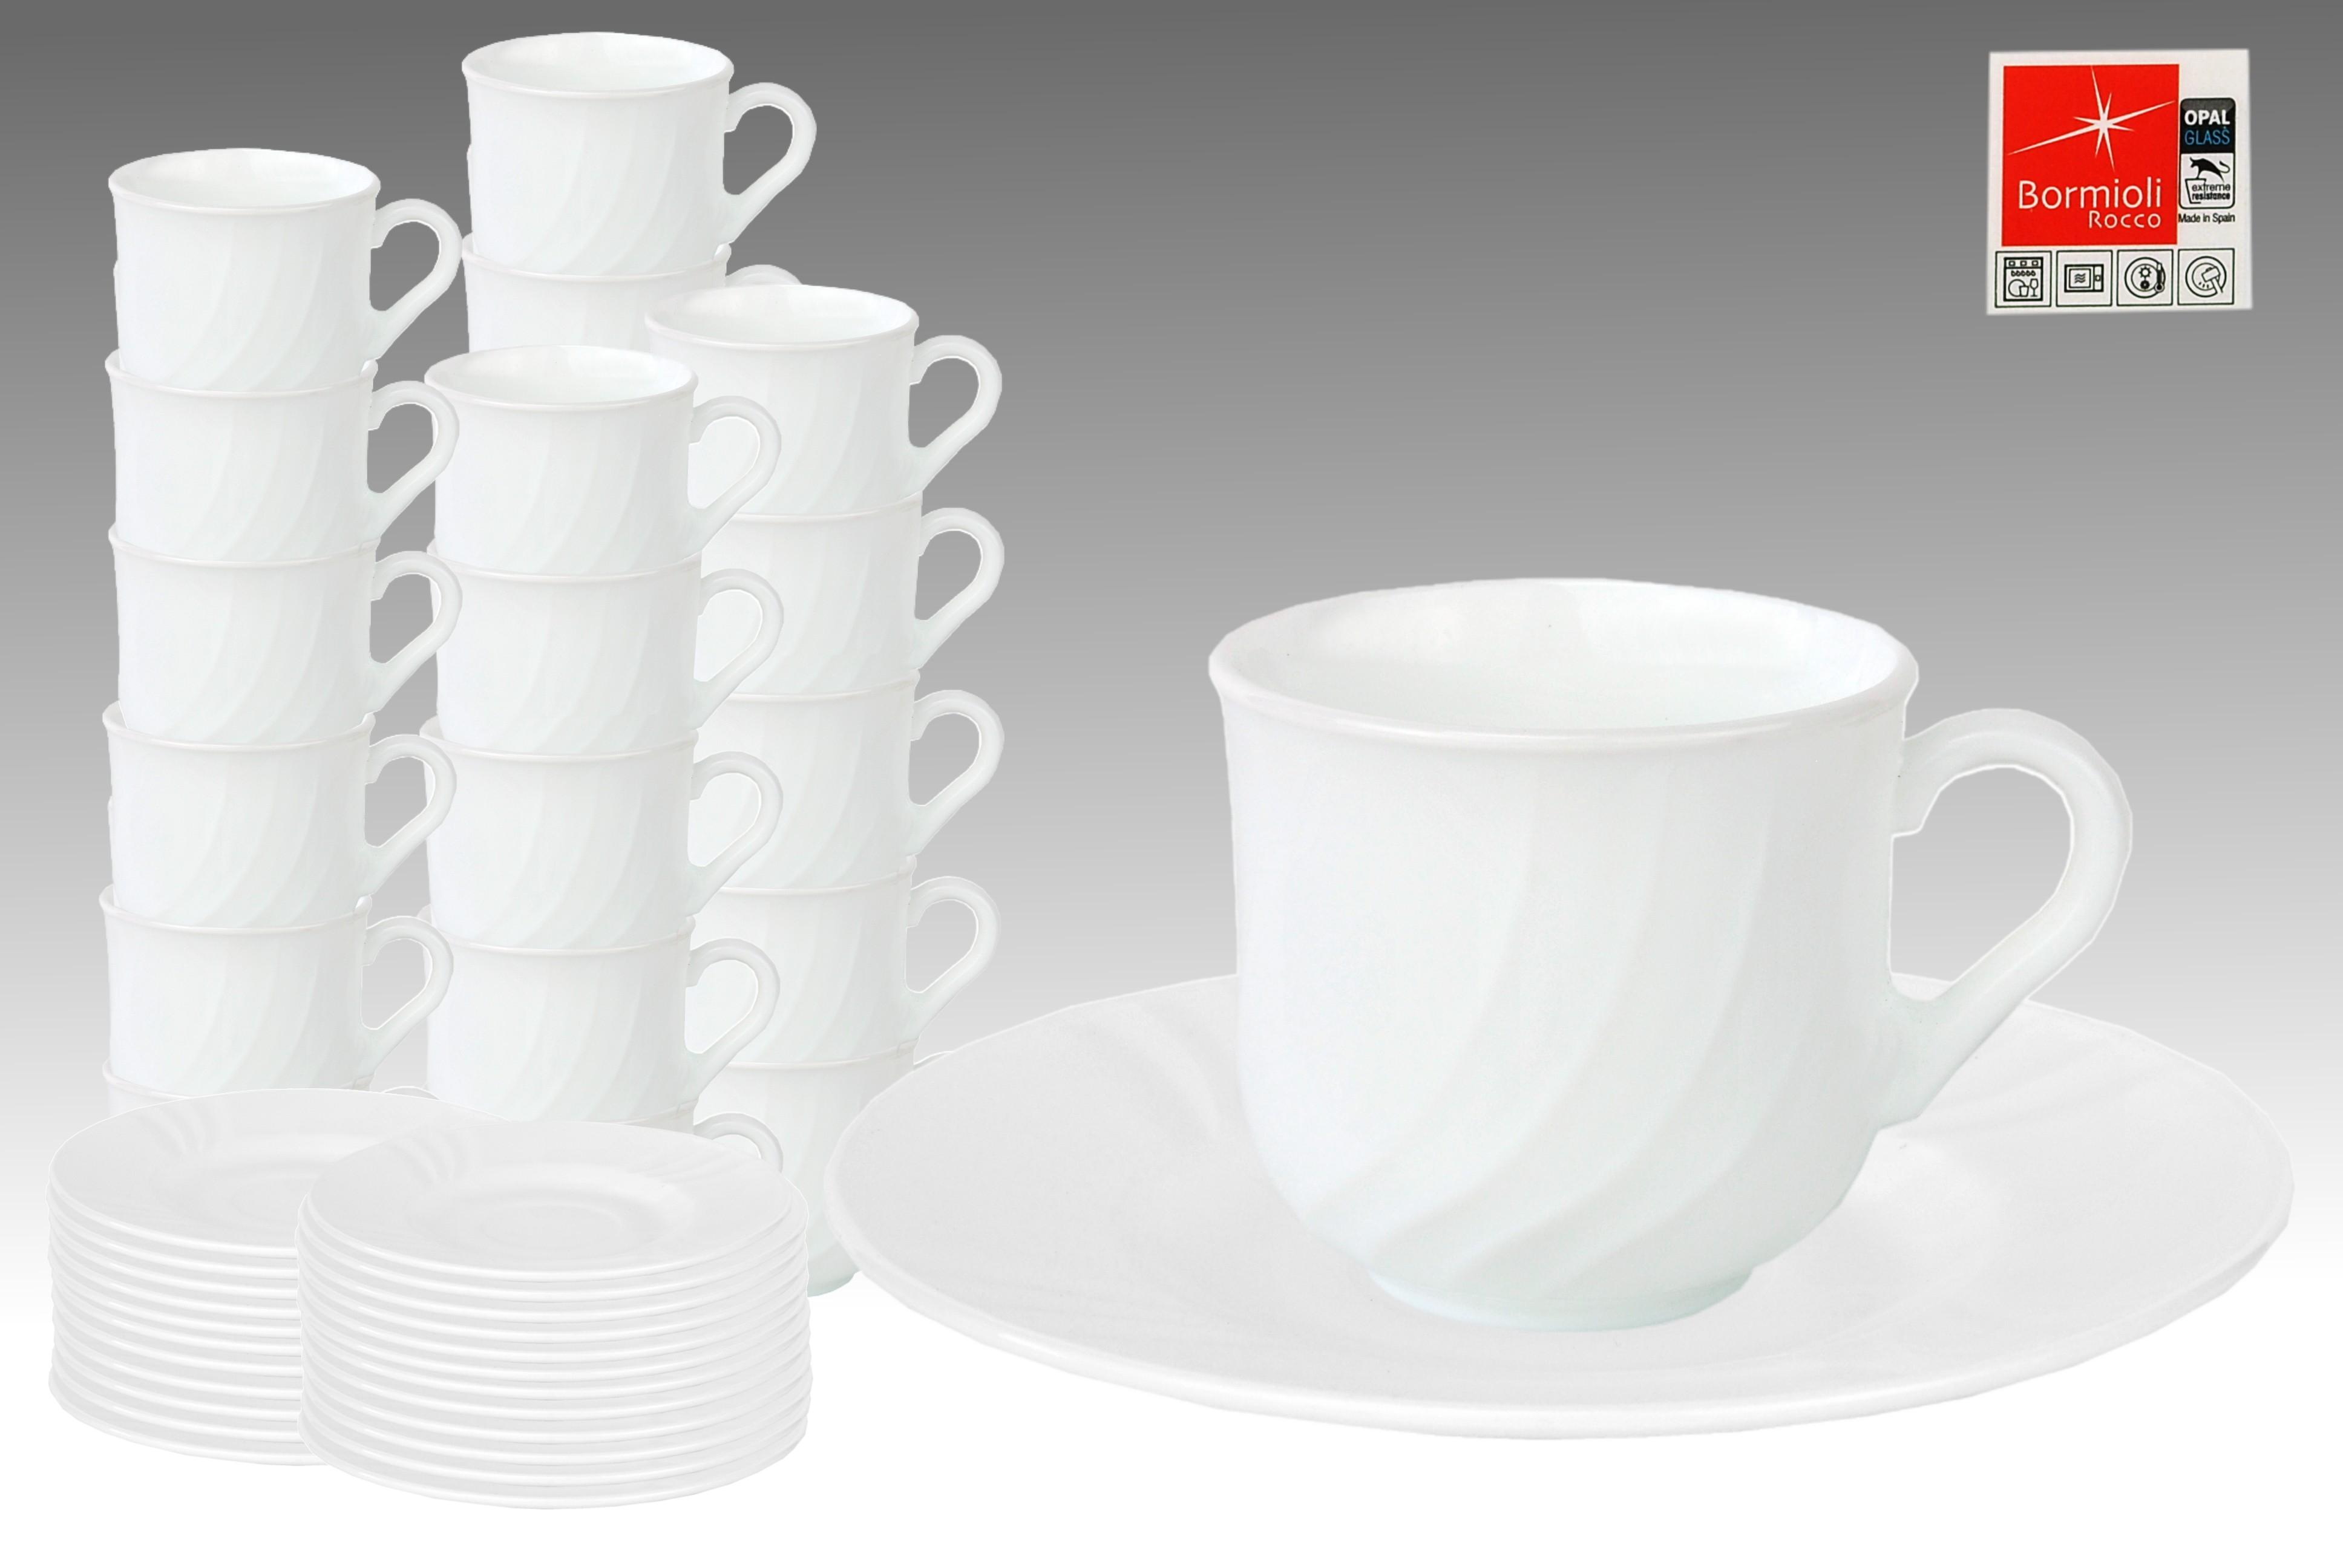 24er set kaffeetasse 25cl mit untertasse 15 5cm ebro aus opal hartglas porzellan tassen und becher. Black Bedroom Furniture Sets. Home Design Ideas